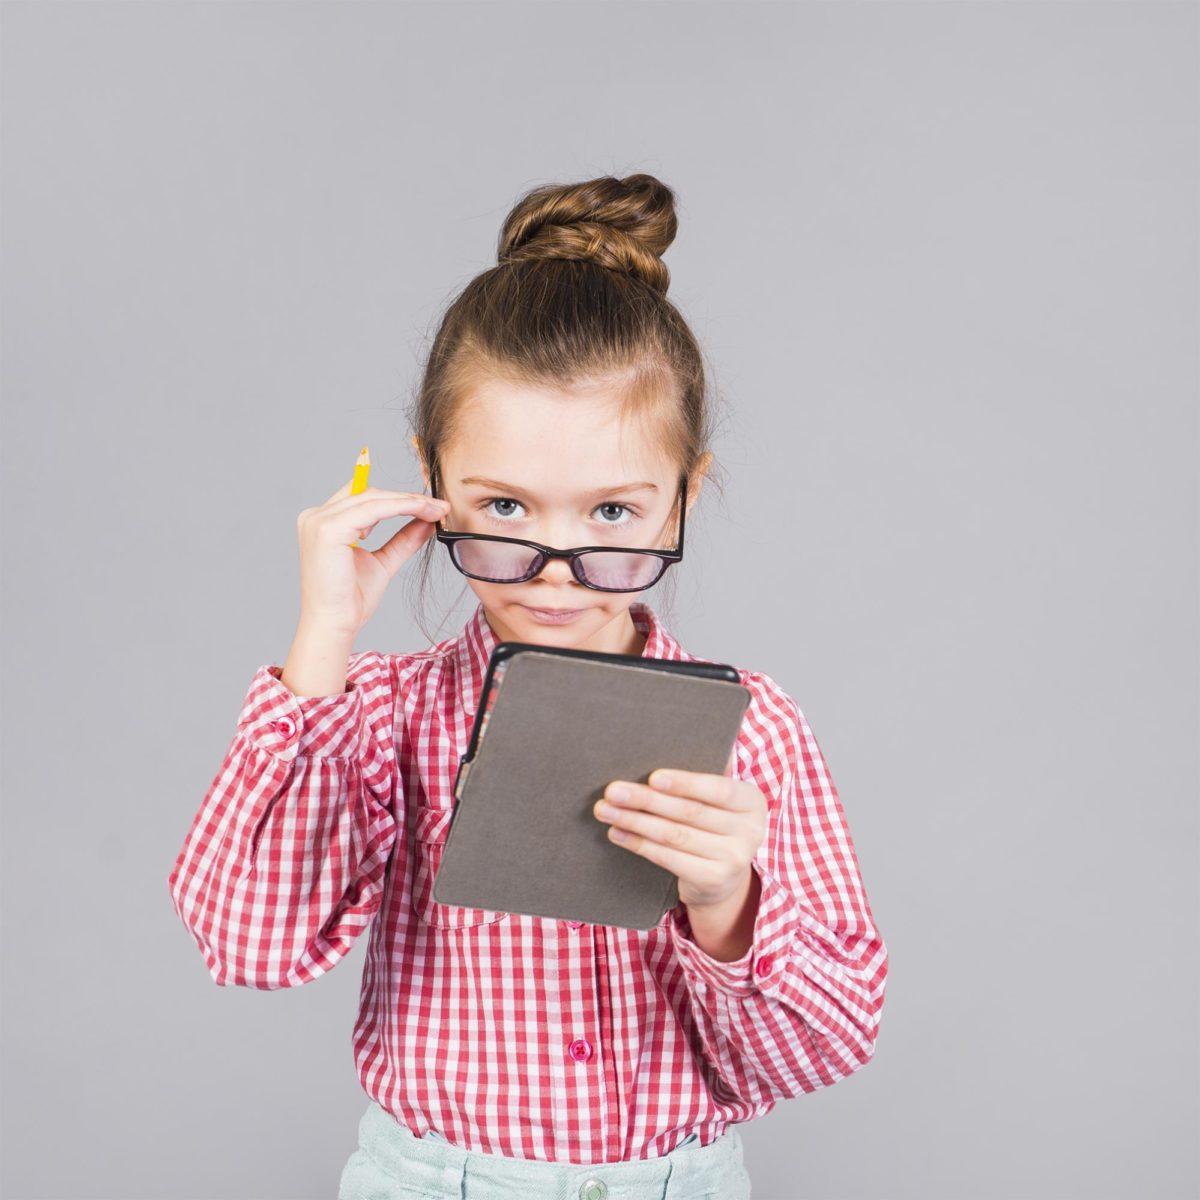 Преимущества образовательного онлайн-бизнеса